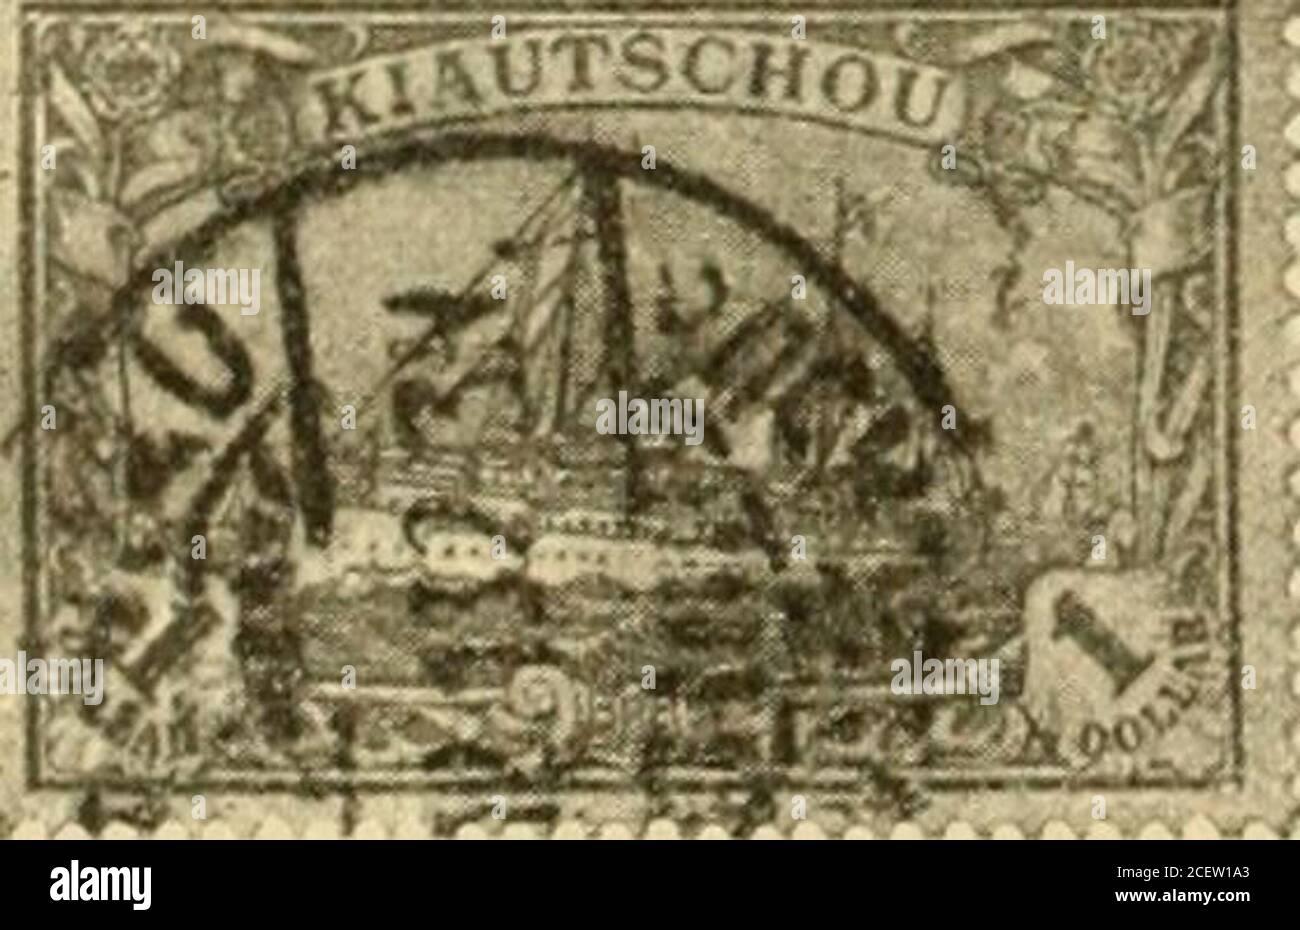 . The postwertscimes and devending of the deutsche poststanstalten in the Protection and in auslande. Stockfoto